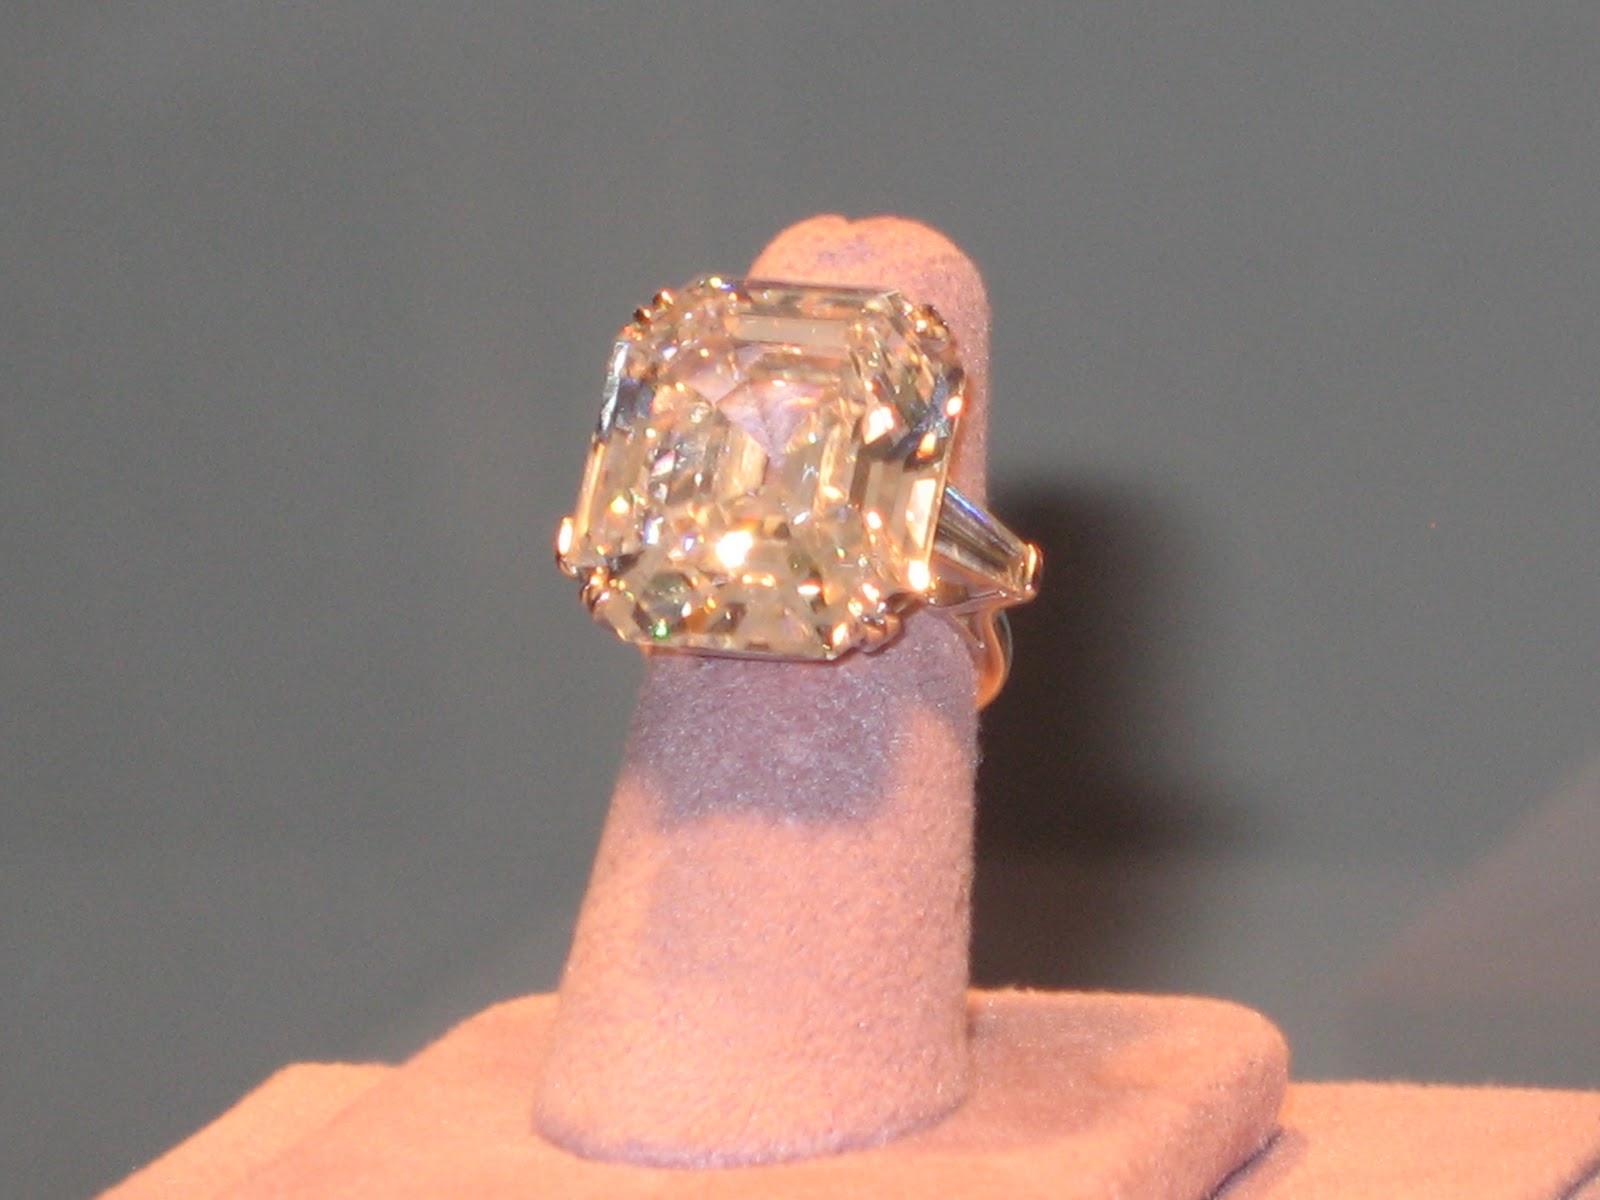 http://4.bp.blogspot.com/-LkQ3uSBT8aE/TpuYmJwOChI/AAAAAAAADoc/z1mKeeI1QP0/s1600/ET+diamond+3.jpg